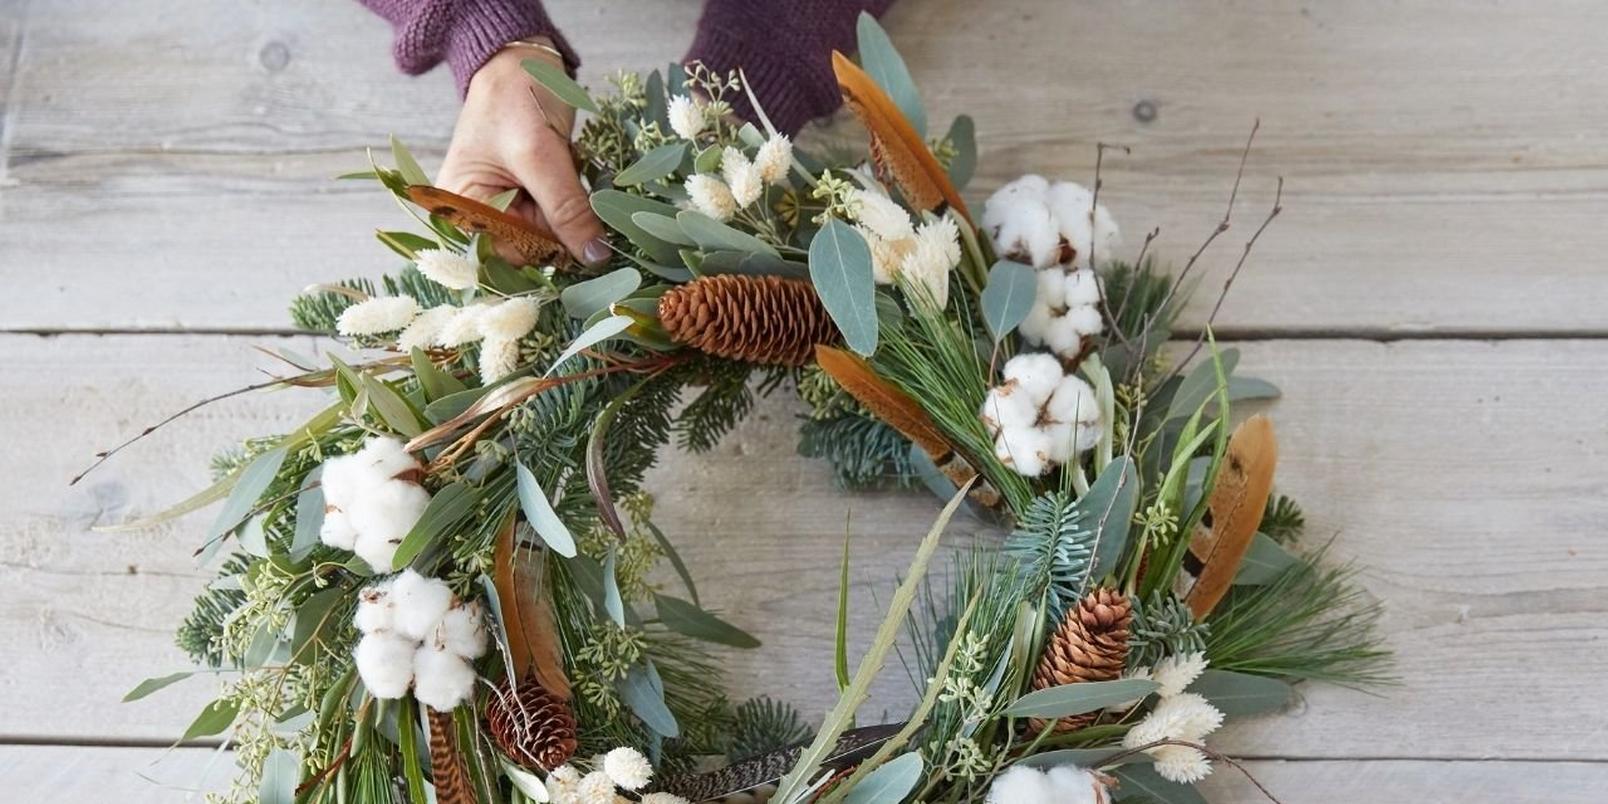 eco_friendly_wreath_b